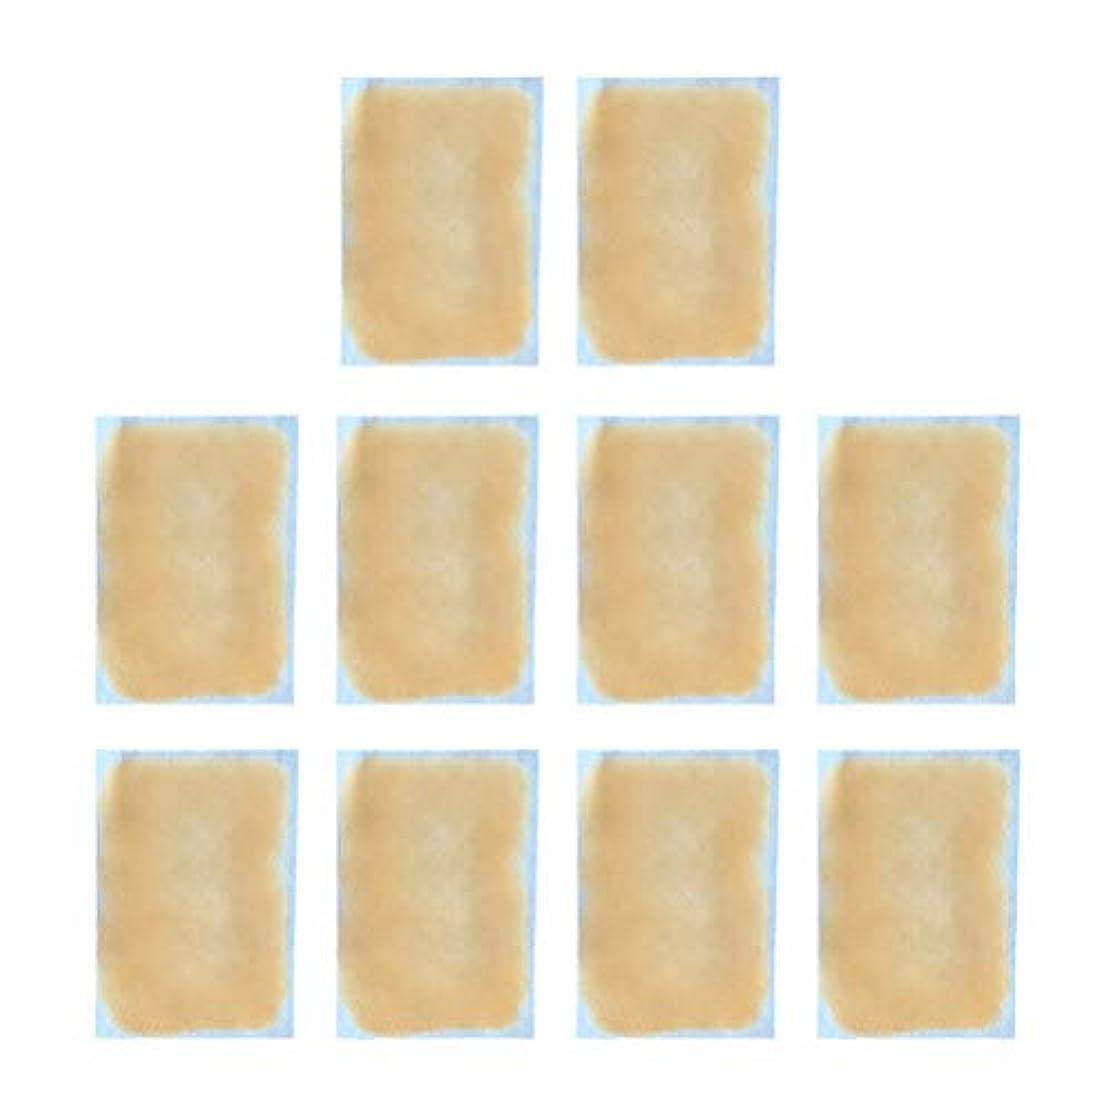 革新正直角度HEALLILY 冷却ジェルパッチの額冷却はSumme10pcsのための発熱性頭痛を和らげます(黄色)